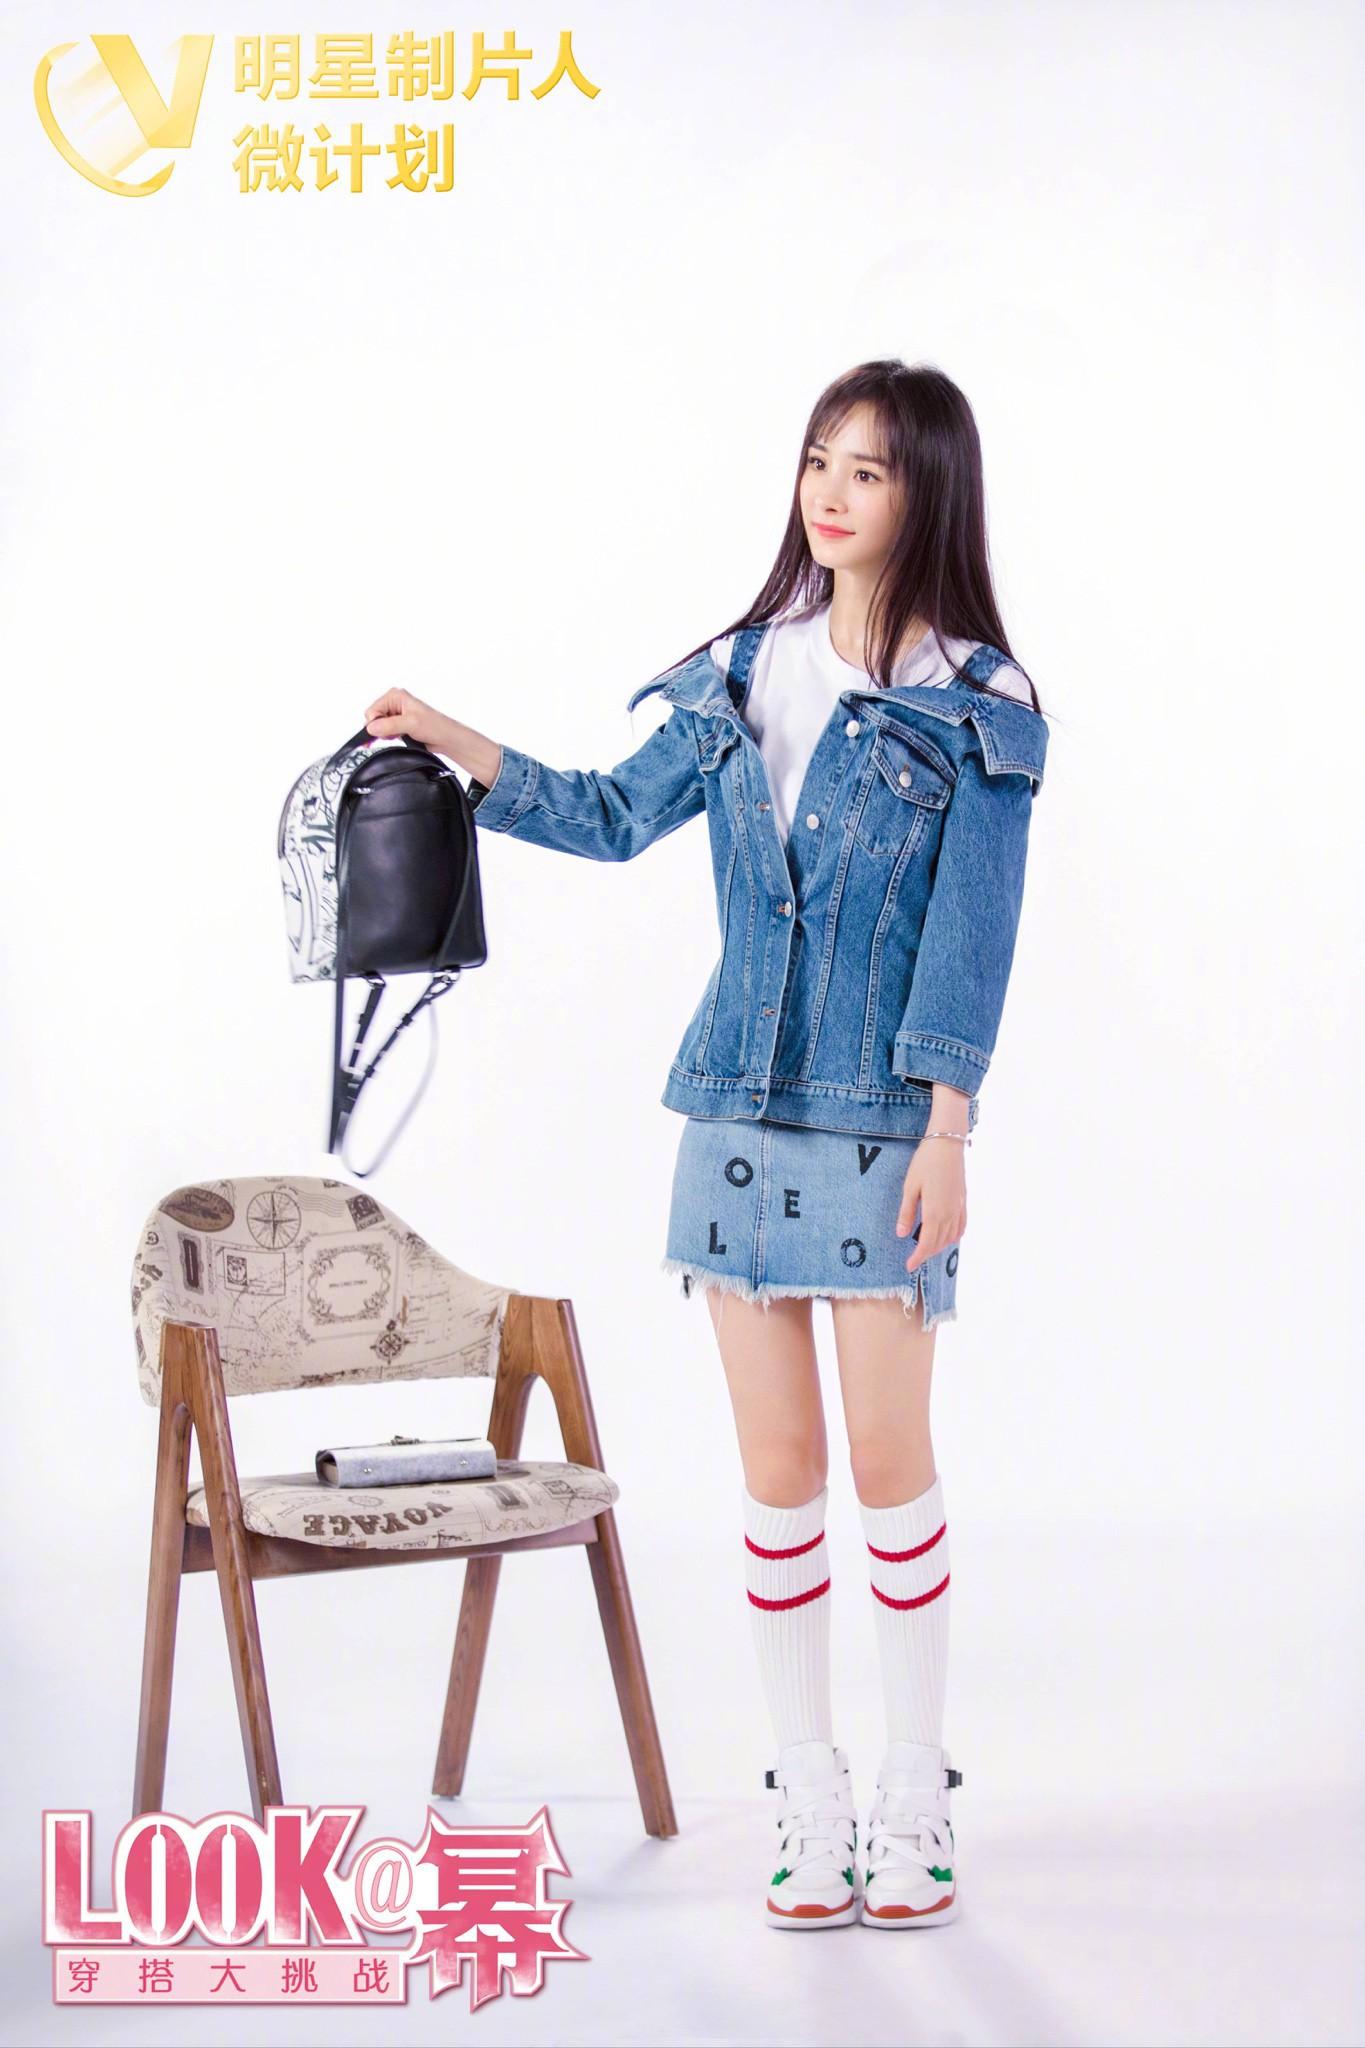 Dương Mịch trổ tài mix đồ trong game show mới, nhưng lại bị chê vì chọn đồ khó mặc - Ảnh 3.